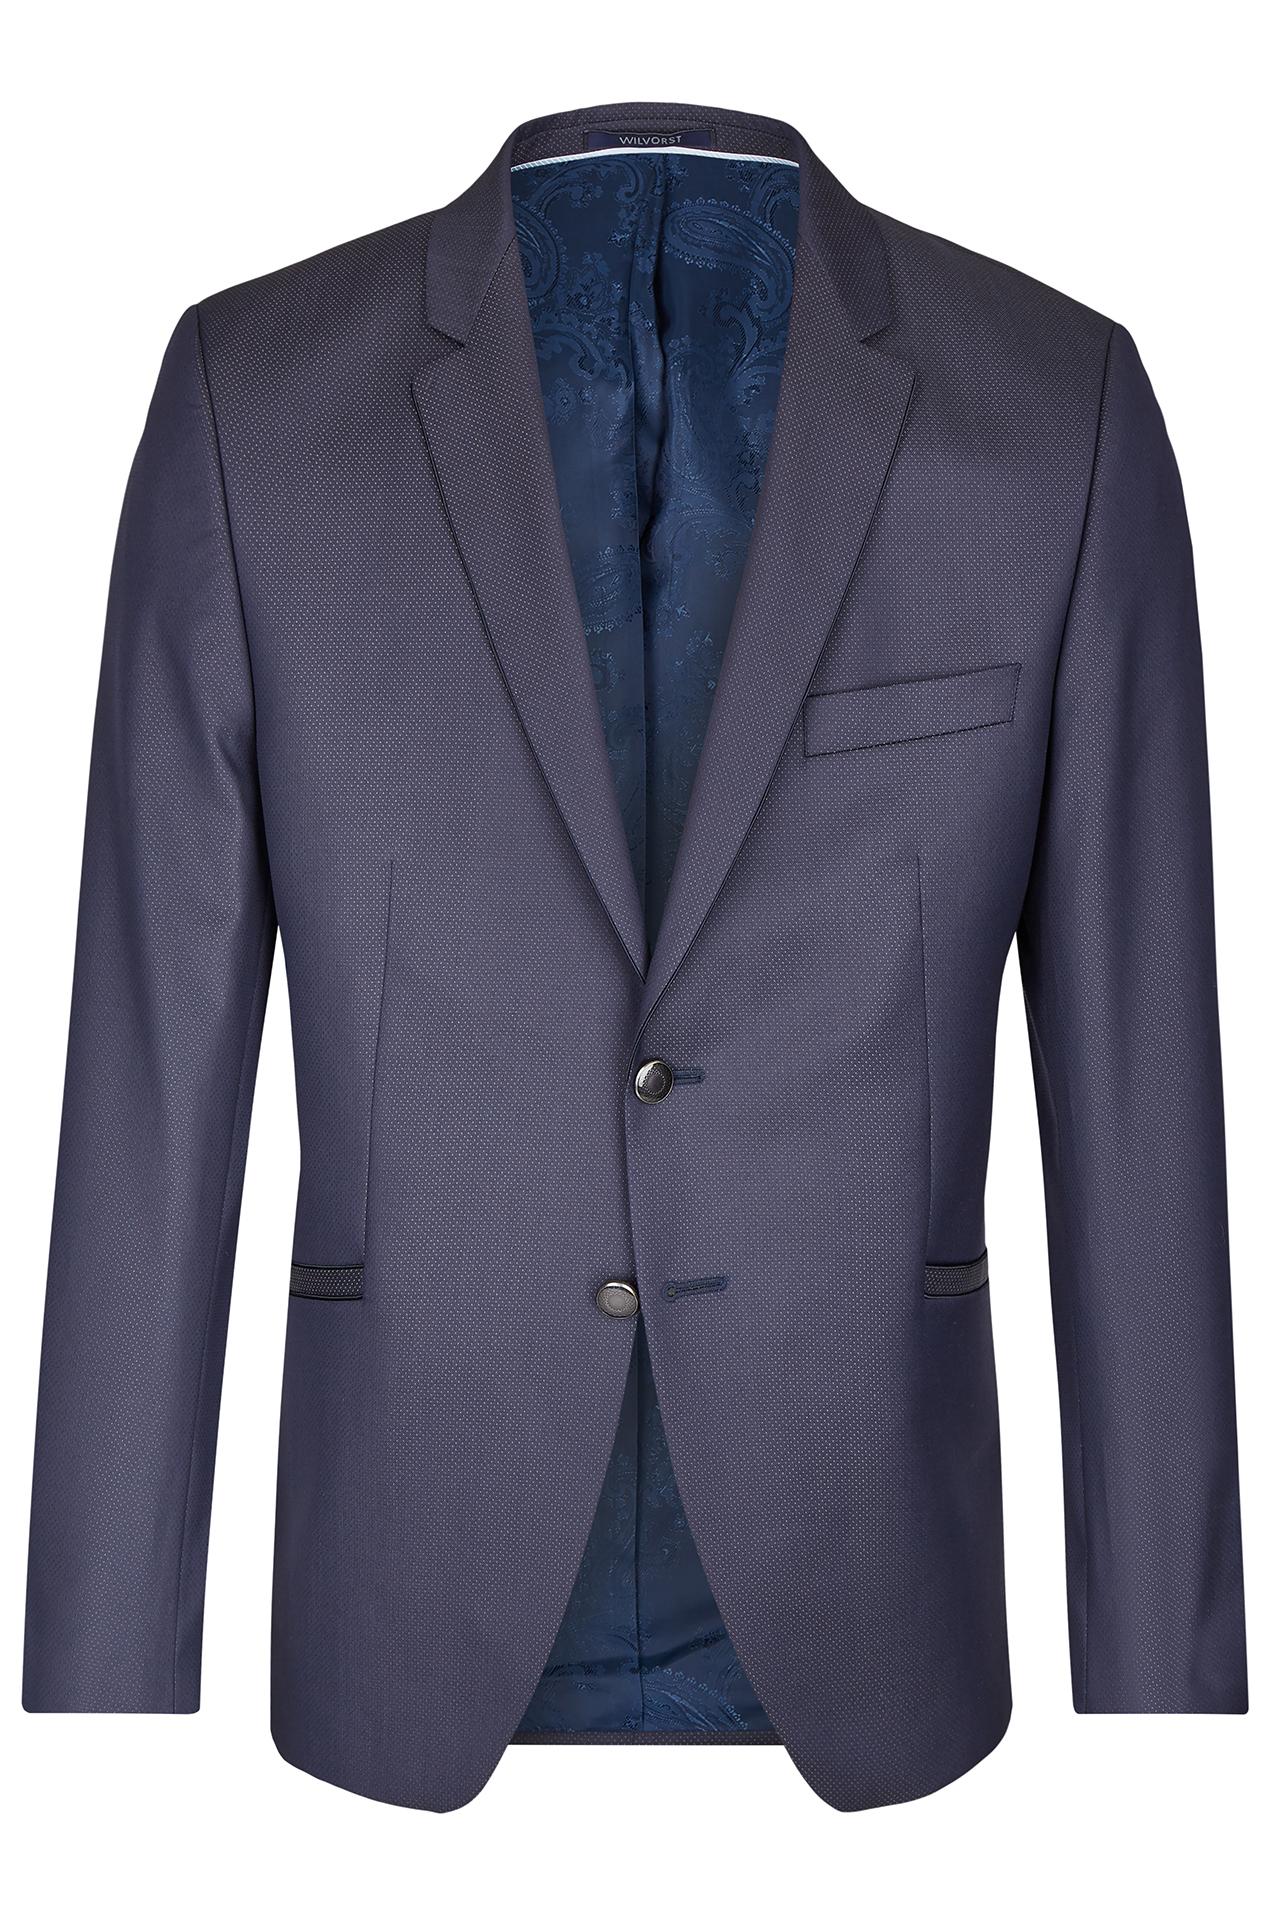 Wilvorst Herren Baukasten Hochzeitsanzug Drop8 blau Gemustert 491100 034